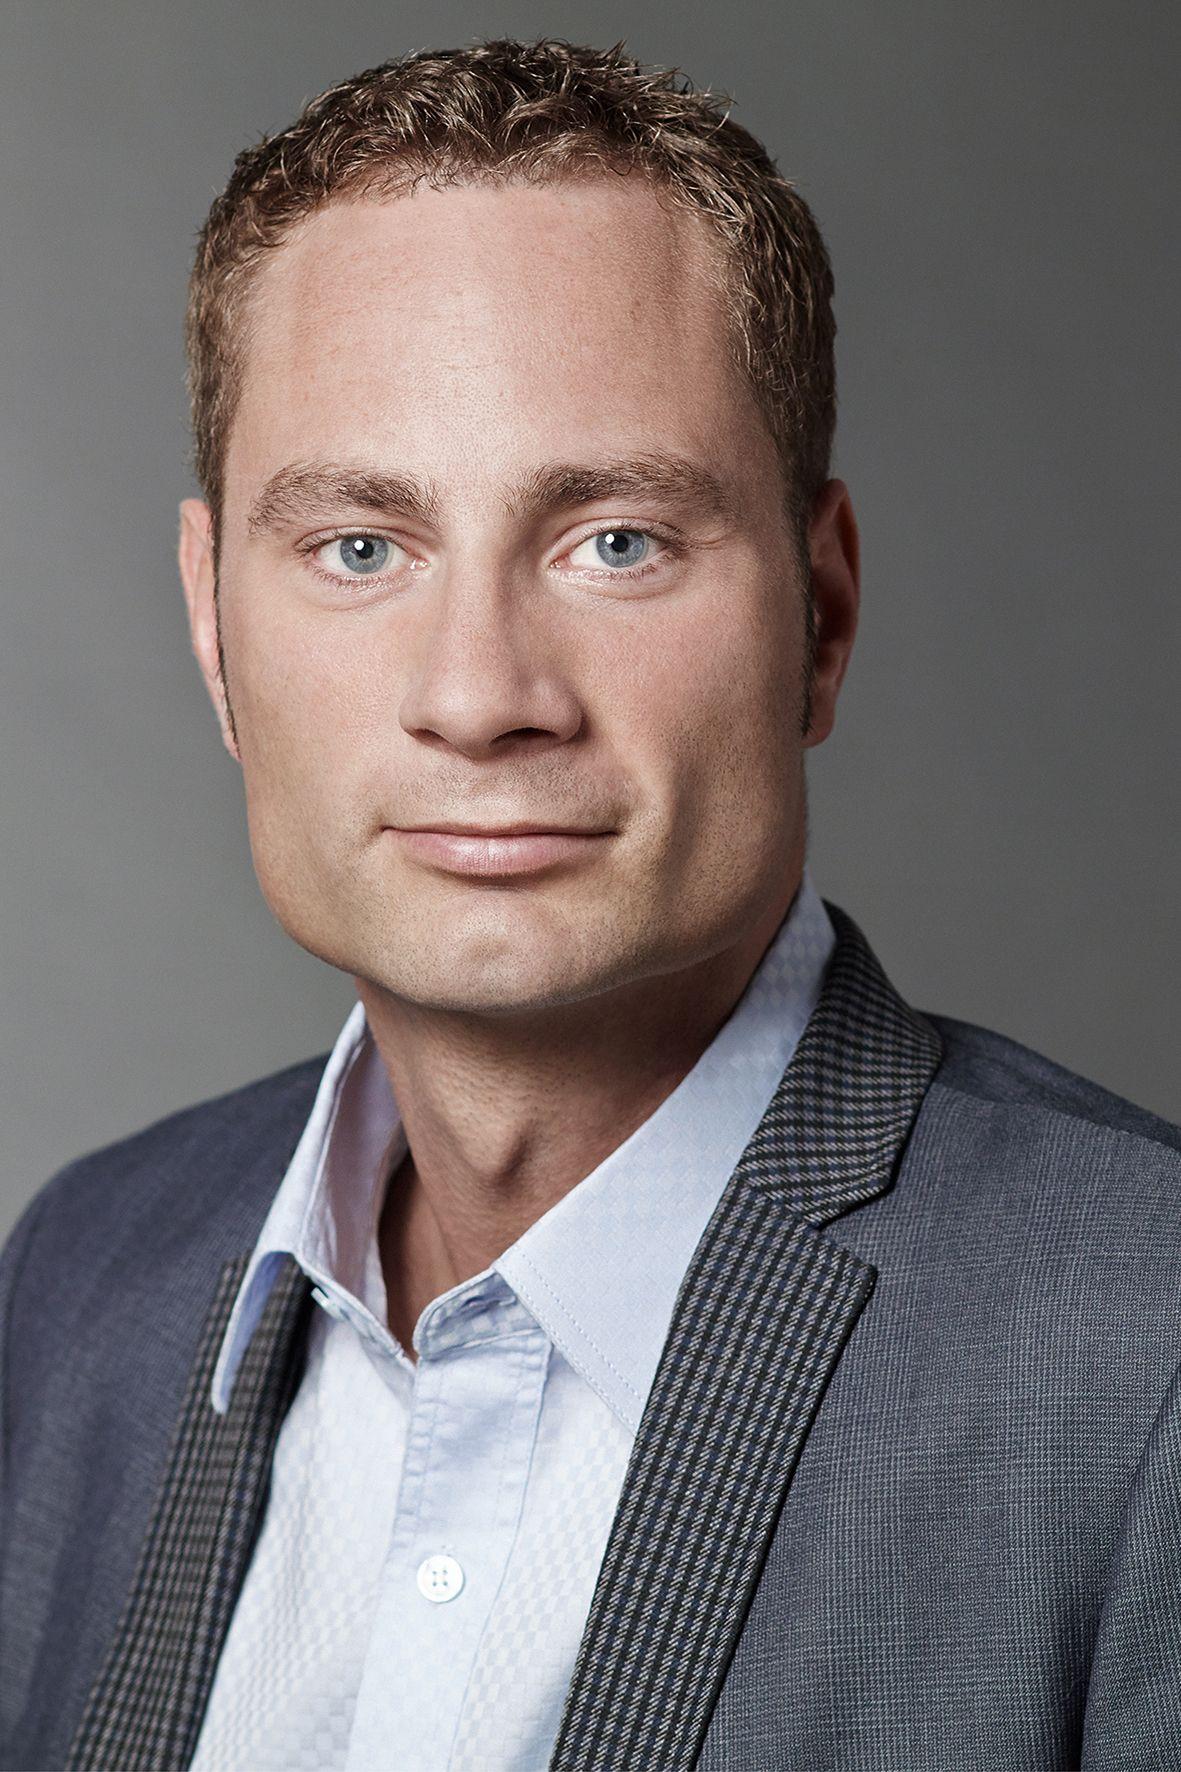 Patrick Schreiber